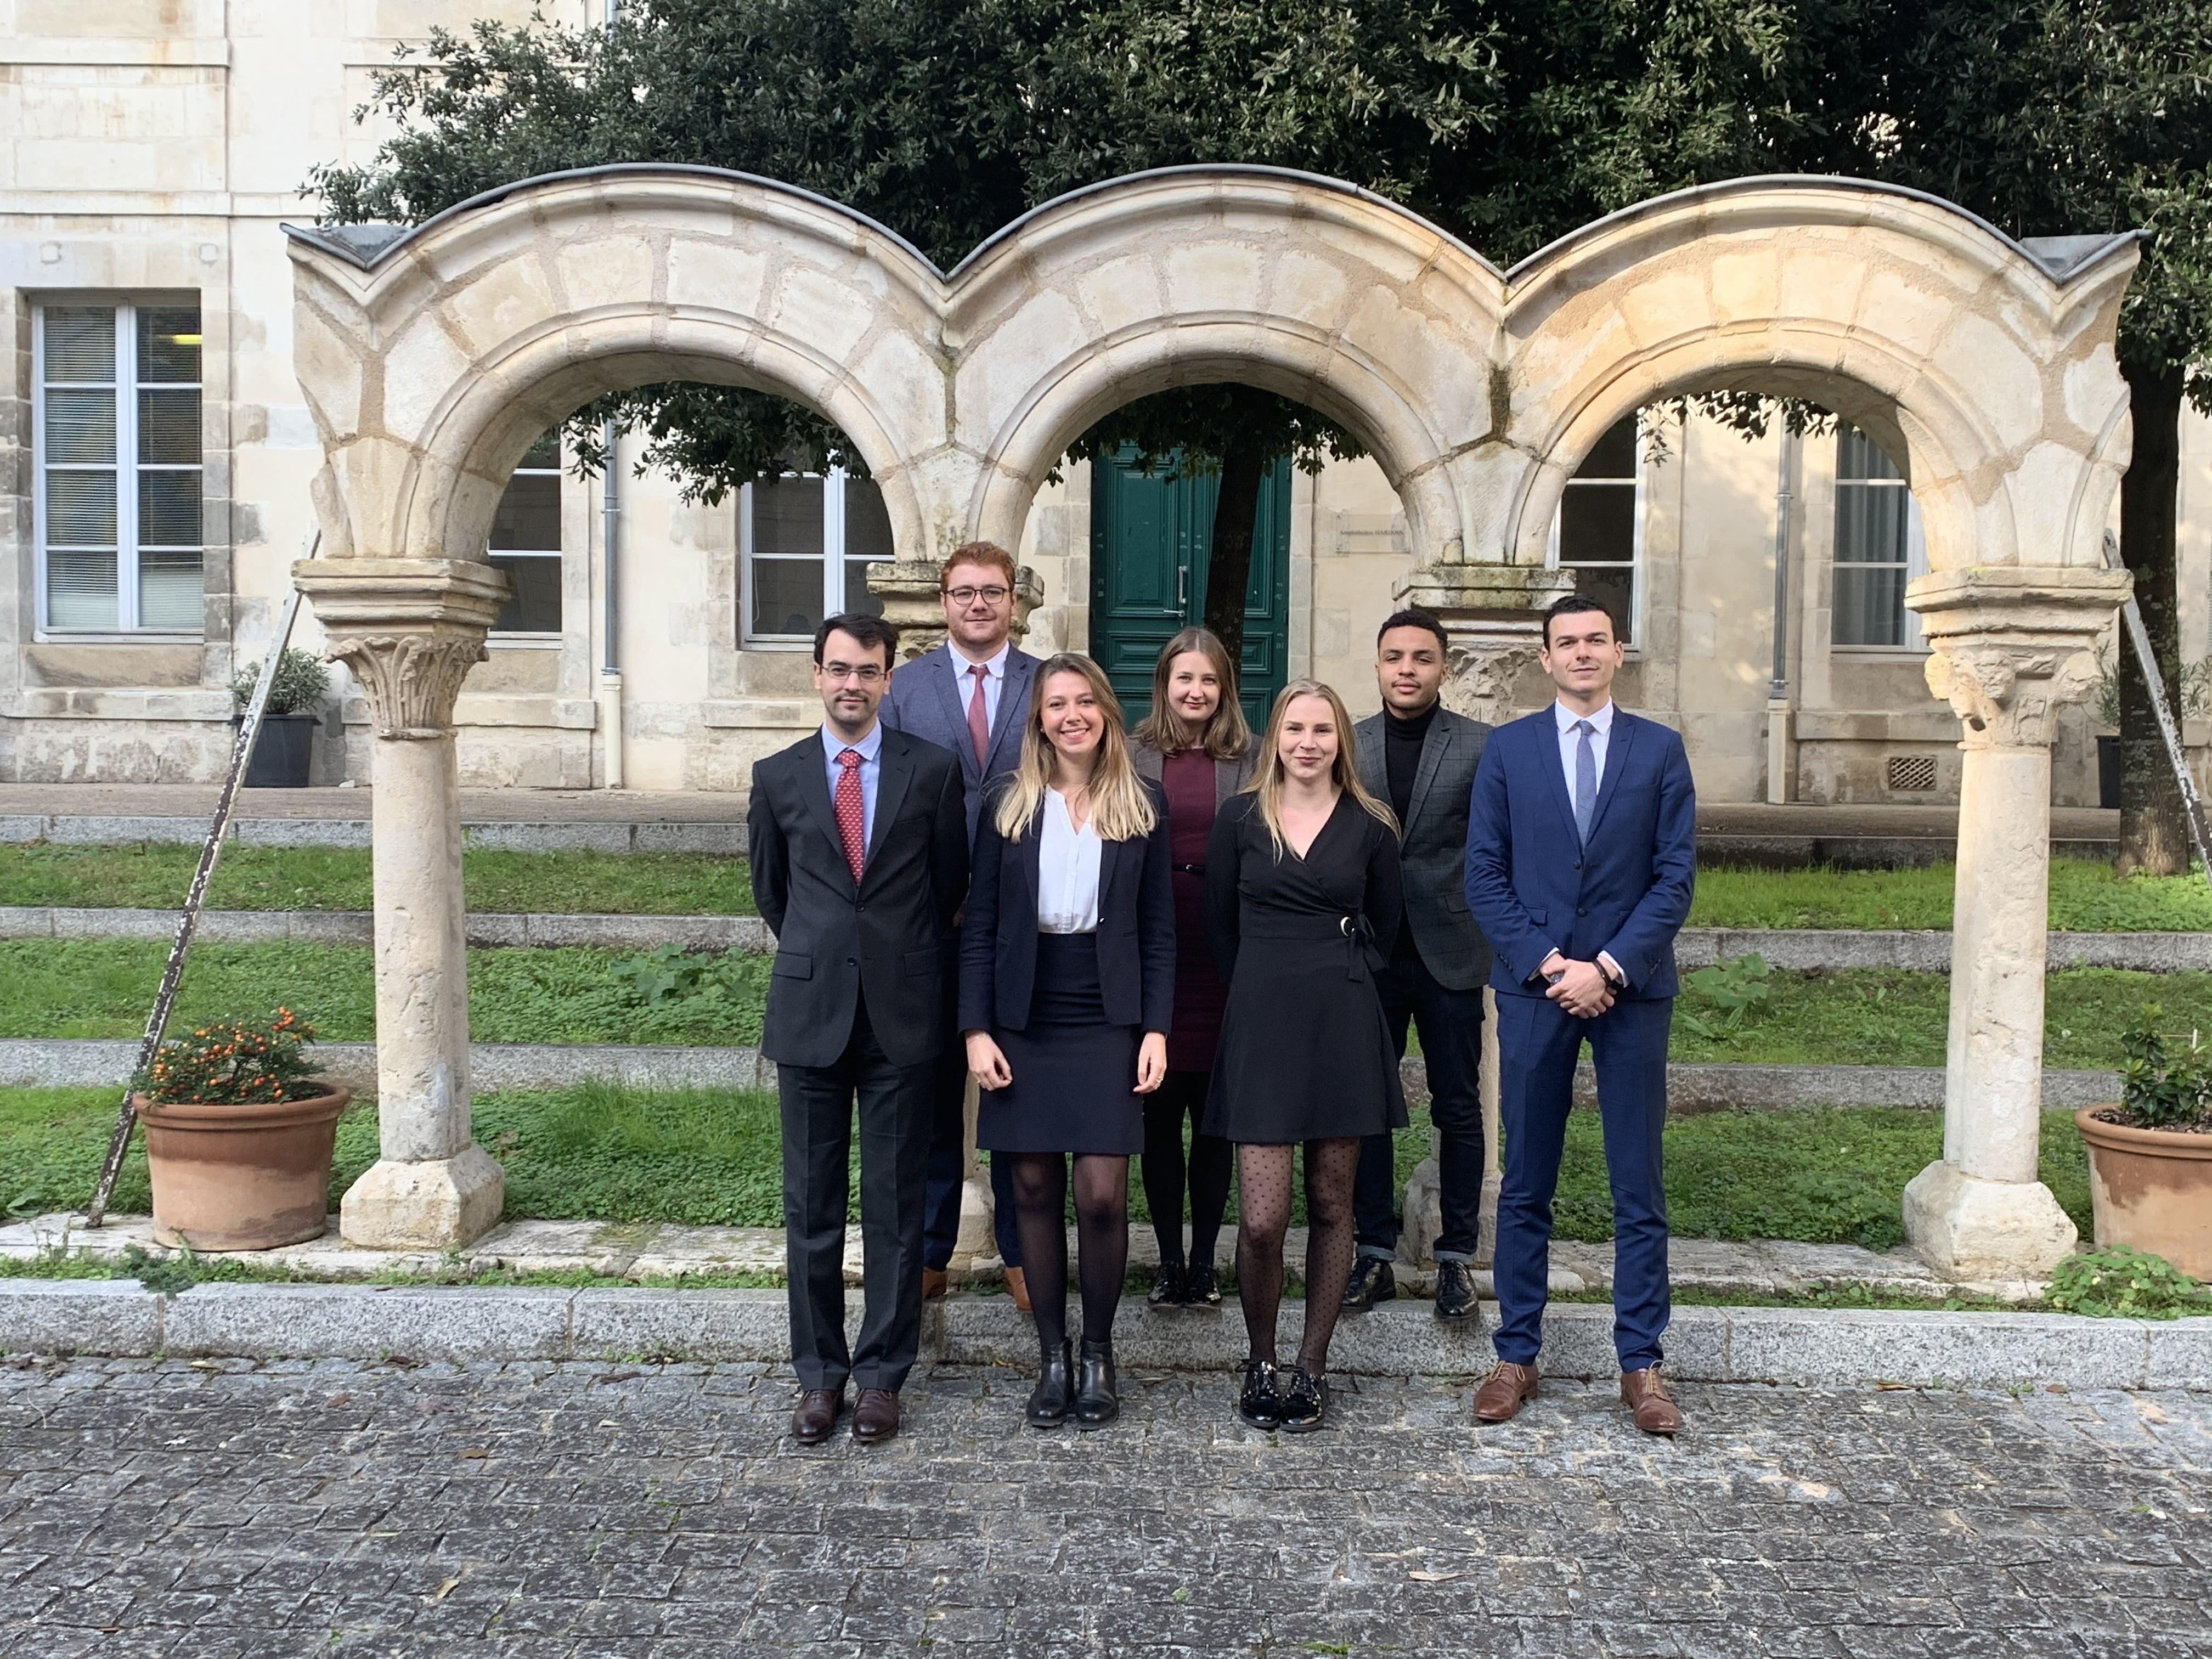 Faire appel à un notaire pour une vente de bien immobilier - Maureen Verger - Notaire stagiaire à Poitiers